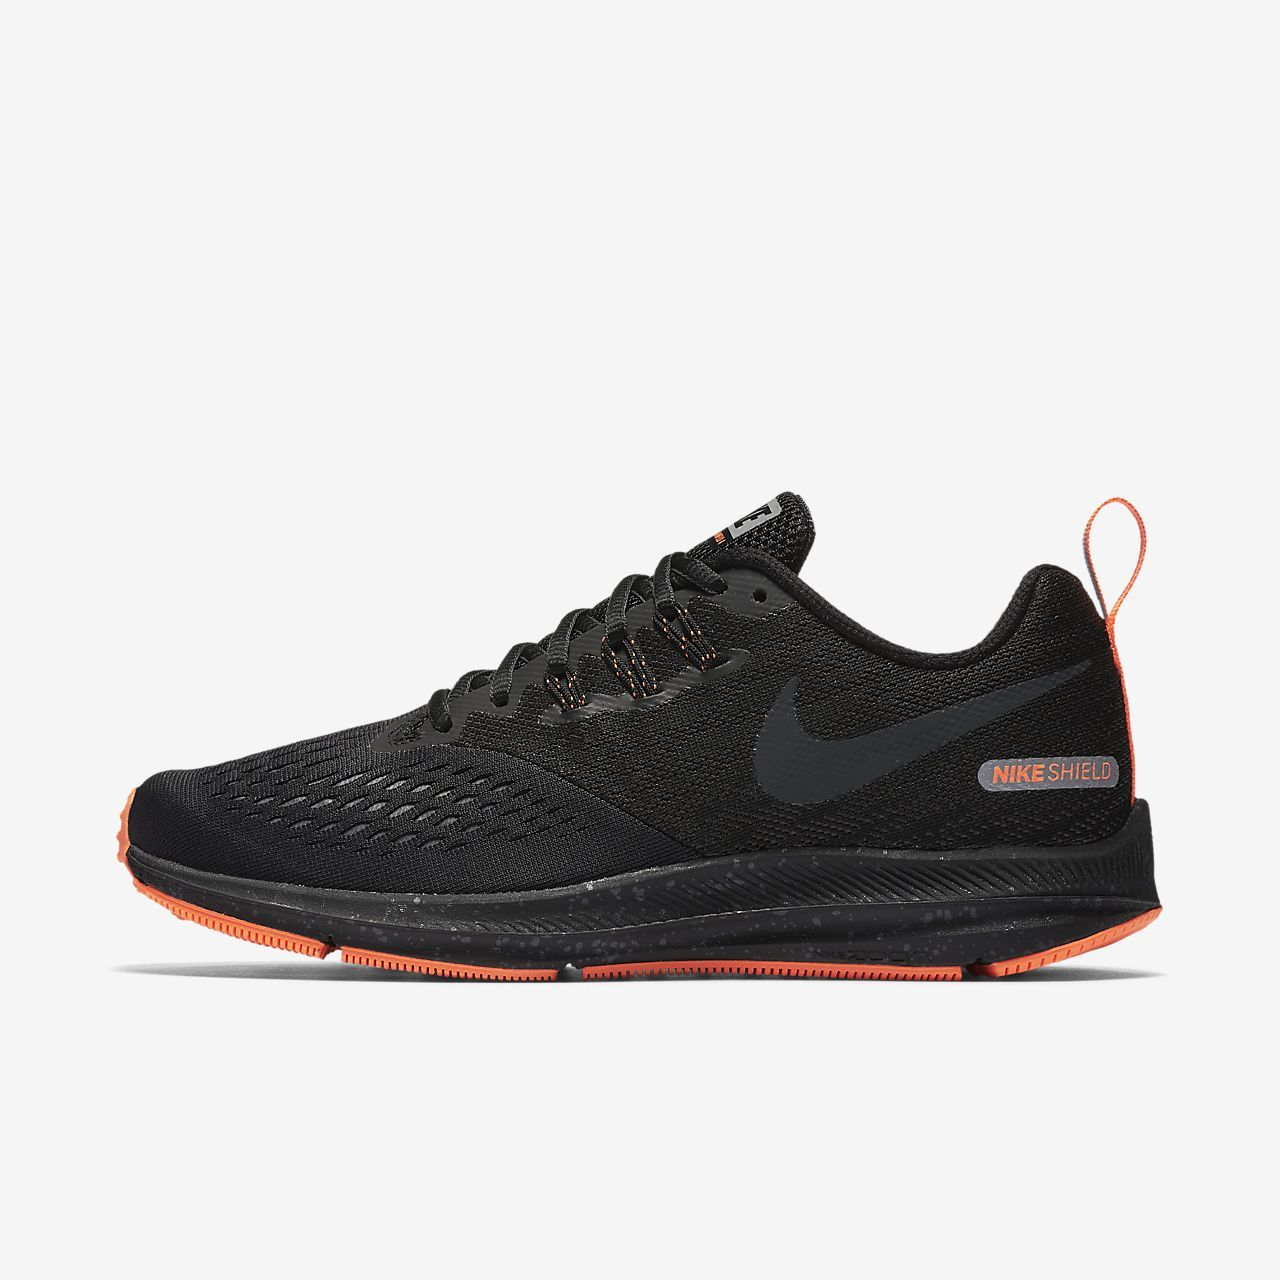 Nike Air Zoom Winflo 4 Shield Women's Running Shoe